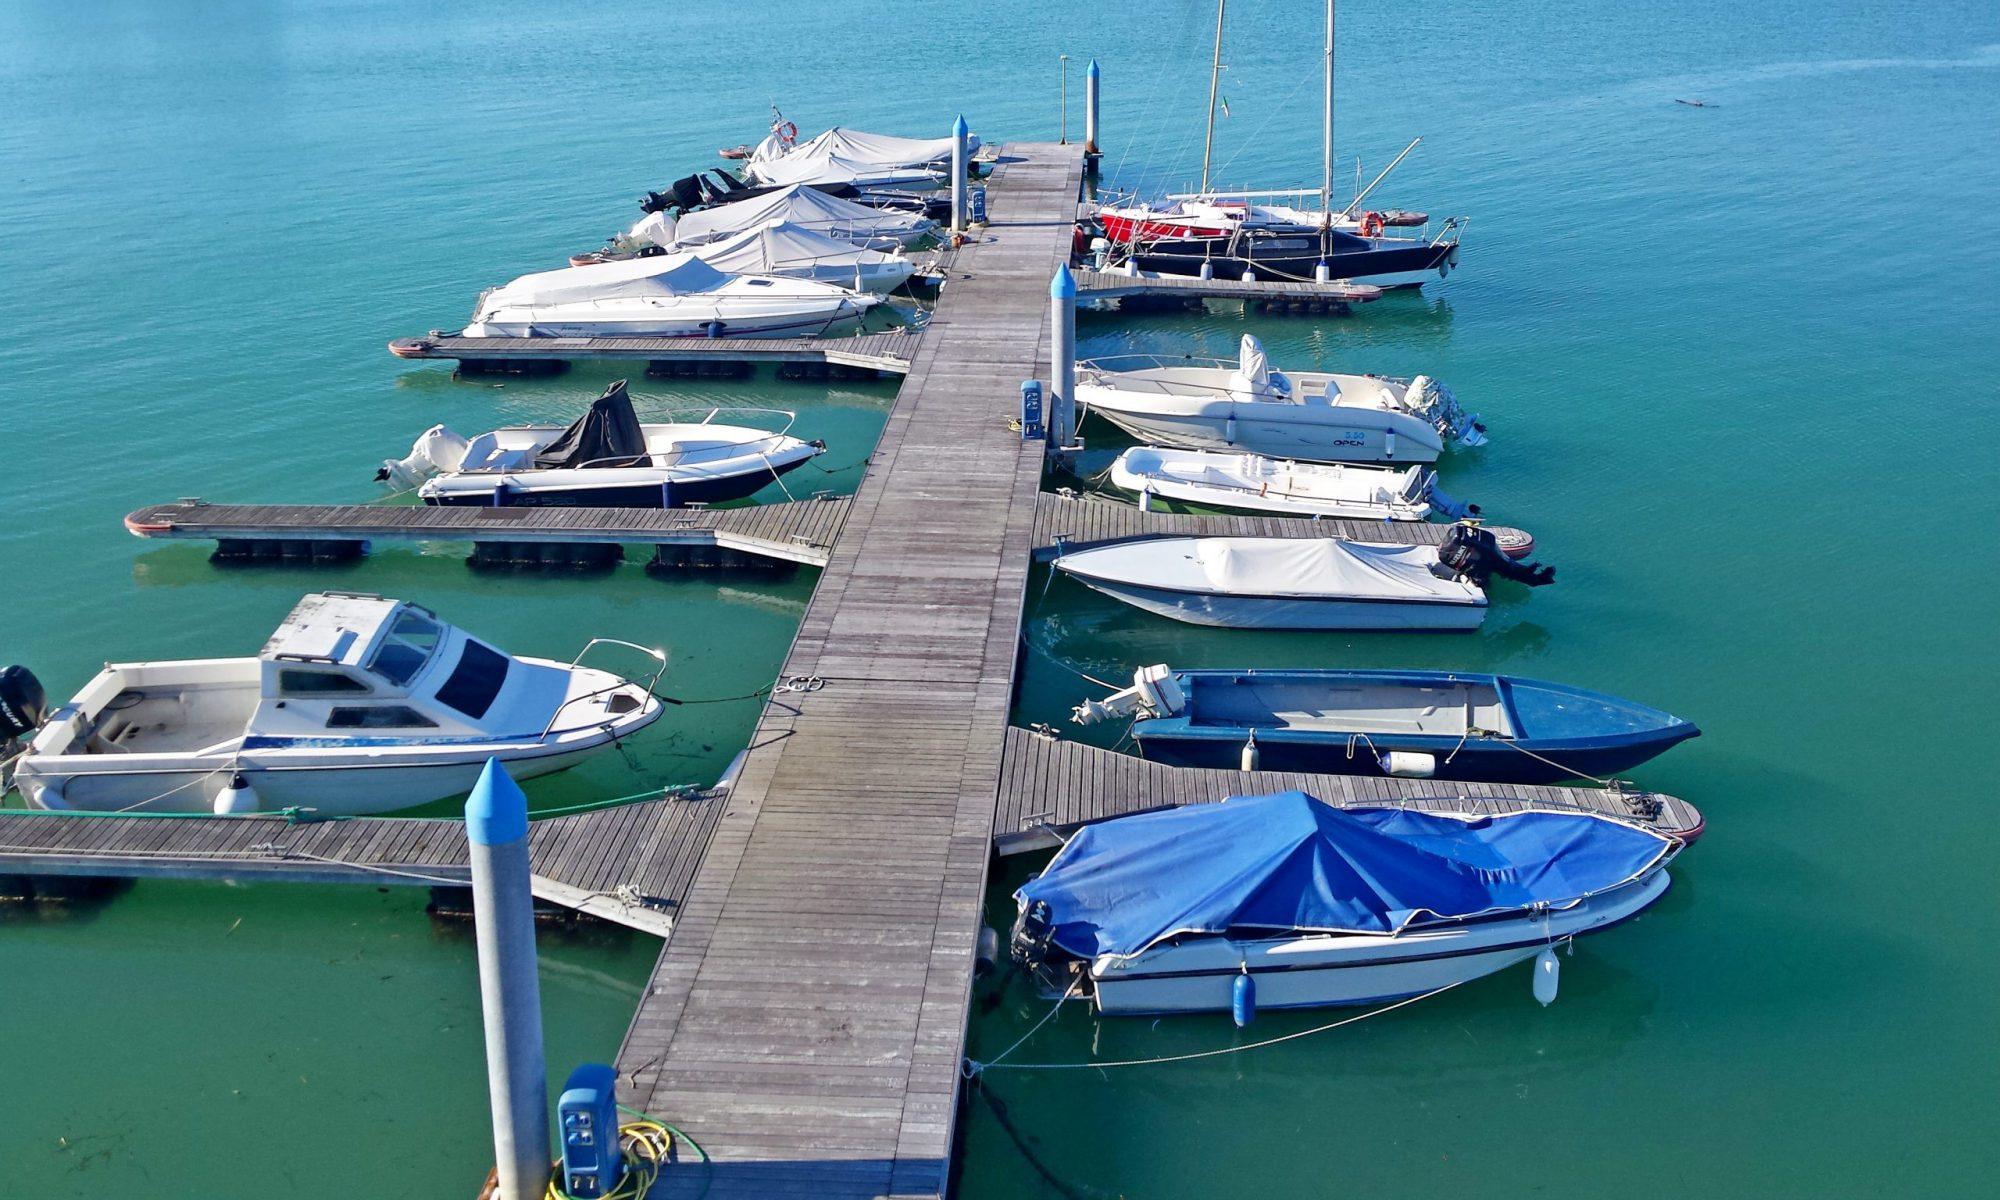 Marina di Levante